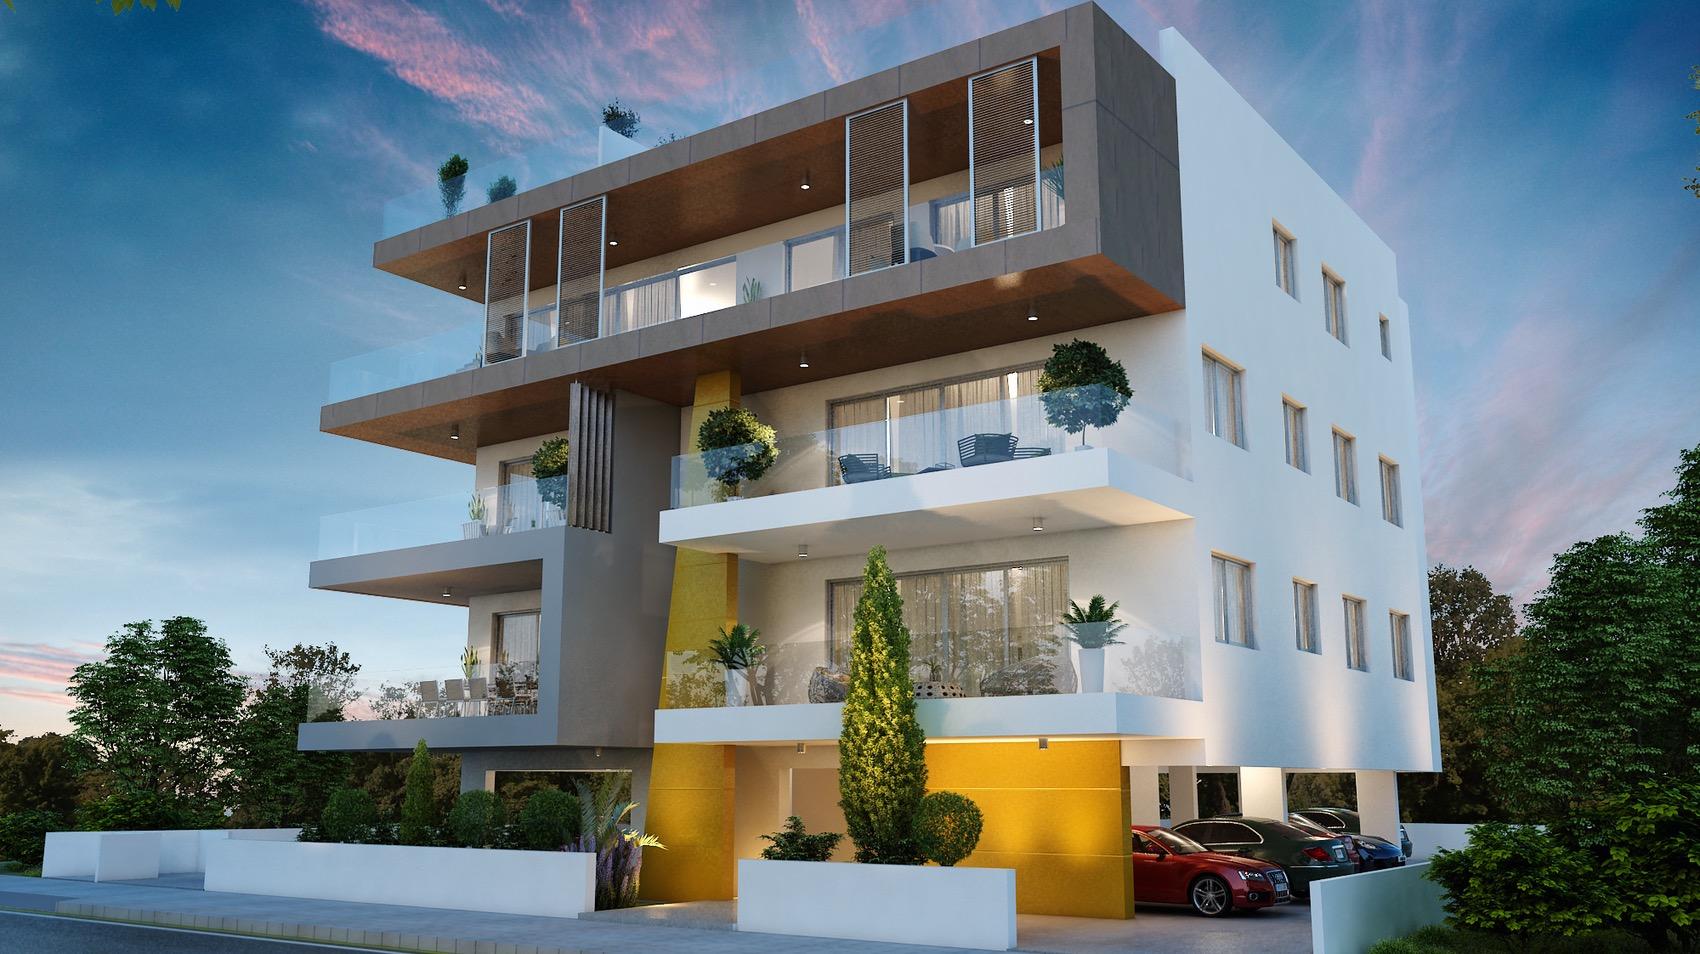 Οροφοδιαμέρισμα προς πώληση στην Δασούπολη - Πρόσοψη και Πλαγια Όψη -2